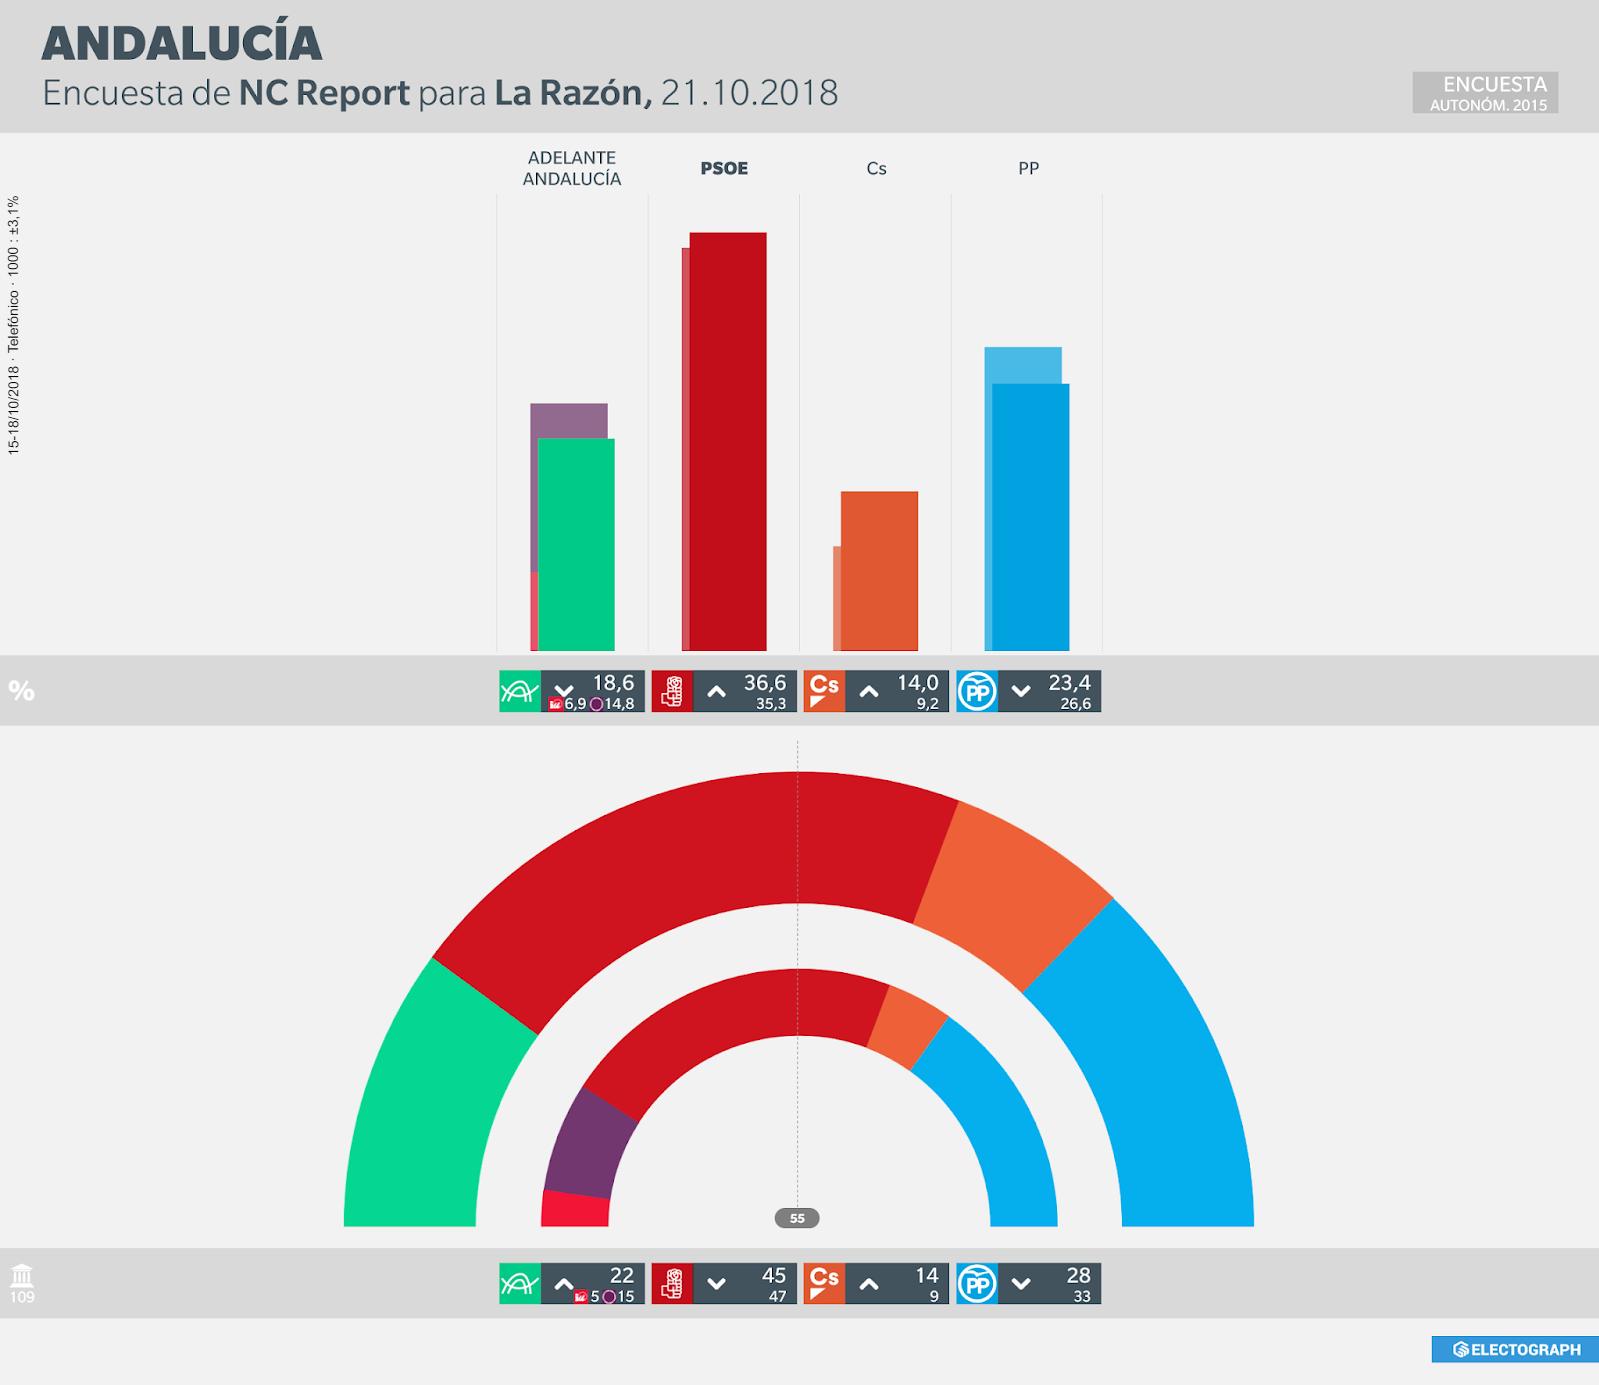 Gráfico de la encuesta para elecciones autonómicas en Andalucía realizada por NC Report para La Razón en octubre de 2018